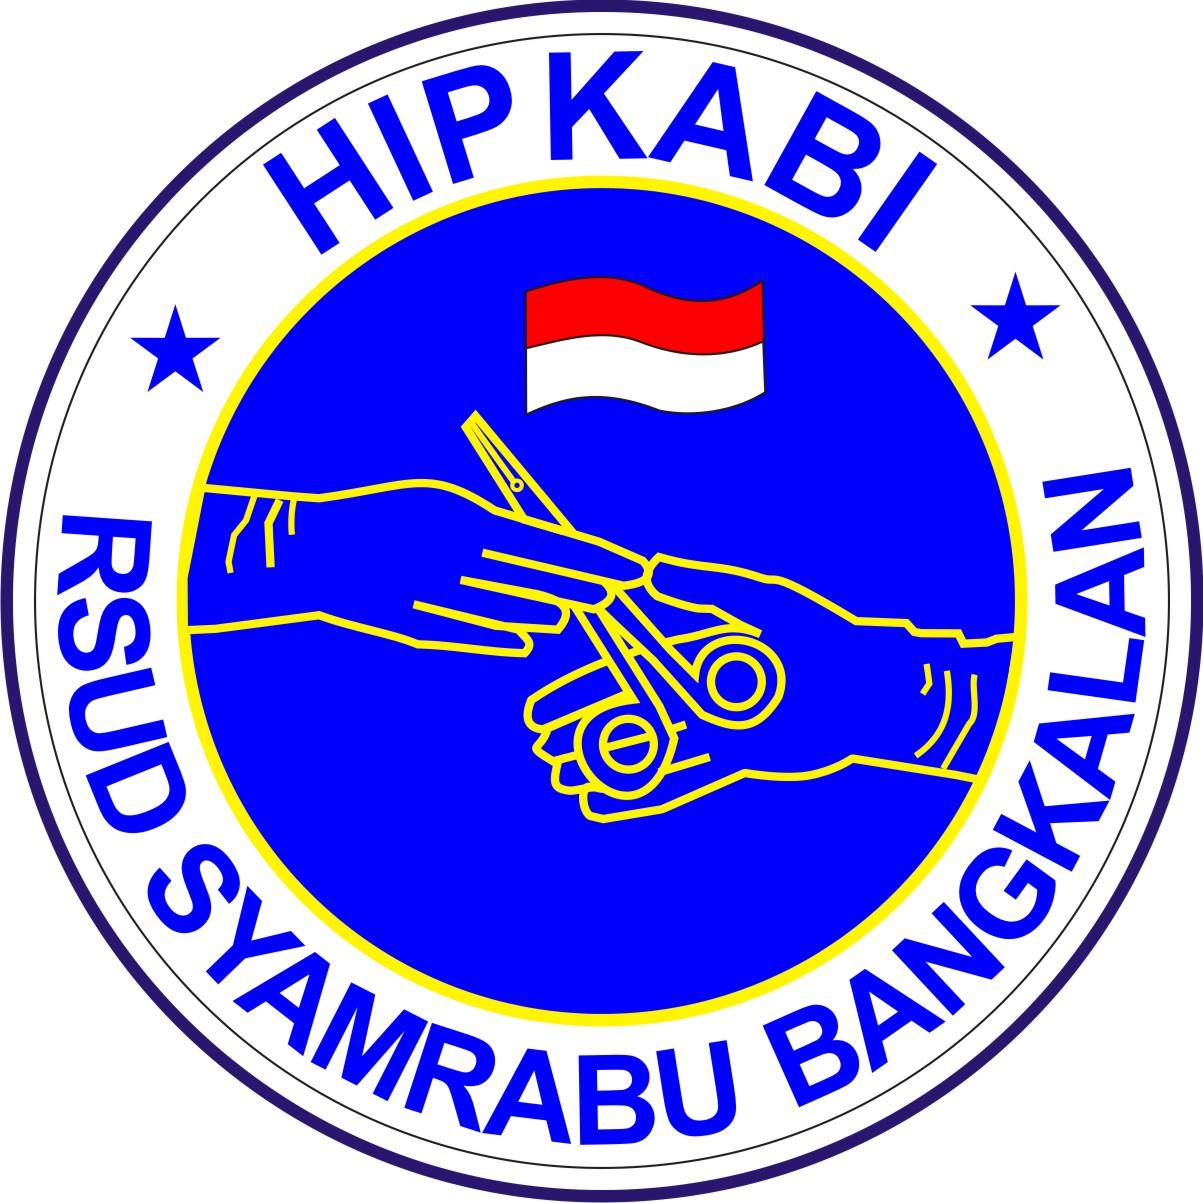 Mihardi77: Logo HIPKABI Dan IBS RSUD Syamrabu Bangkalan